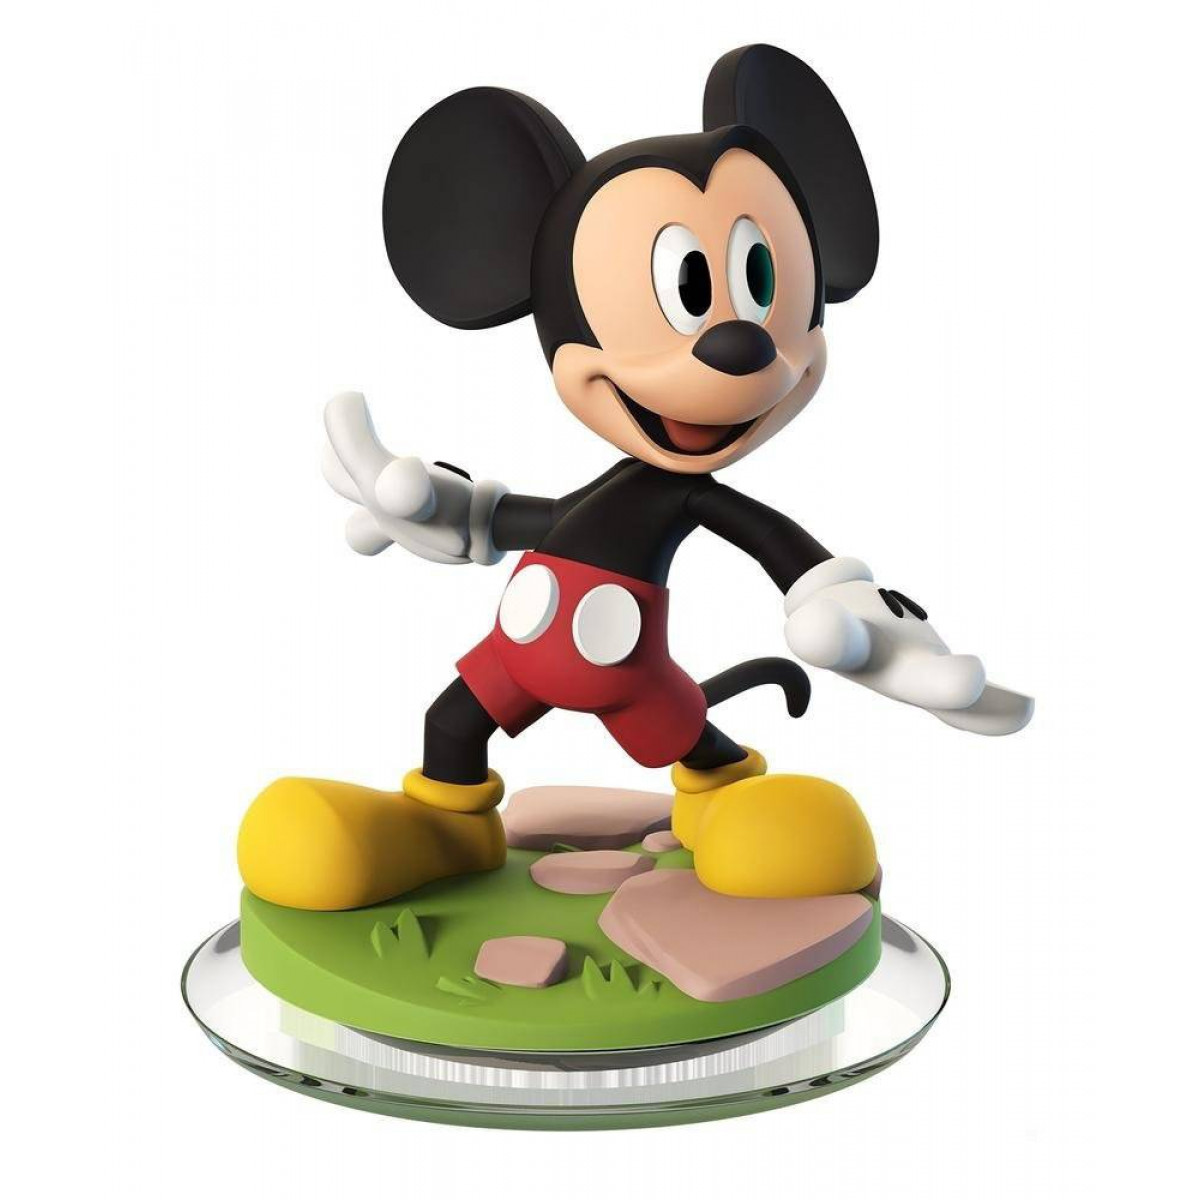 Disney Infinity 3.0 - Mickey Mouse játékfigura